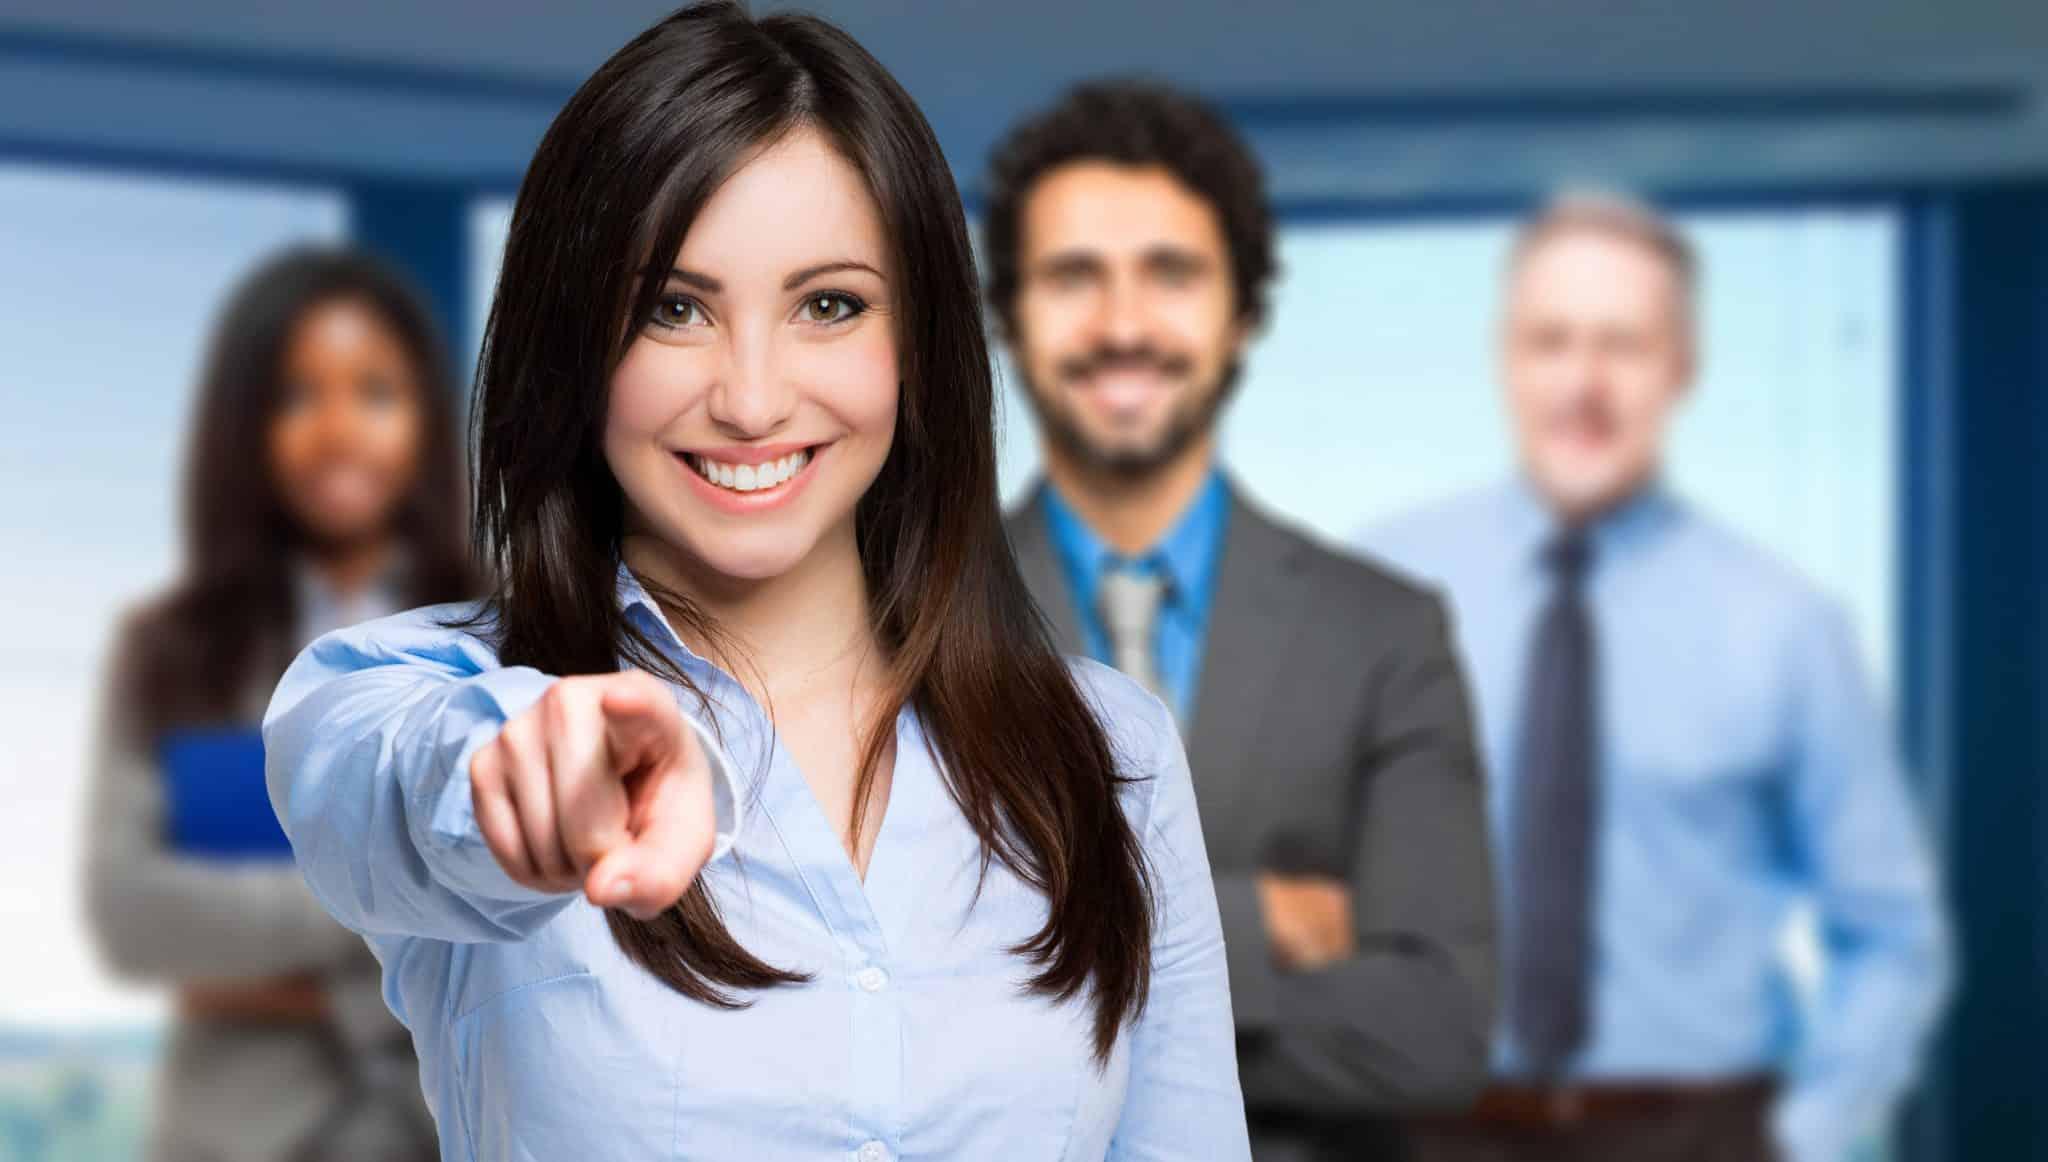 Seminar Teamentwicklung - Vom guten Team zum besten Team